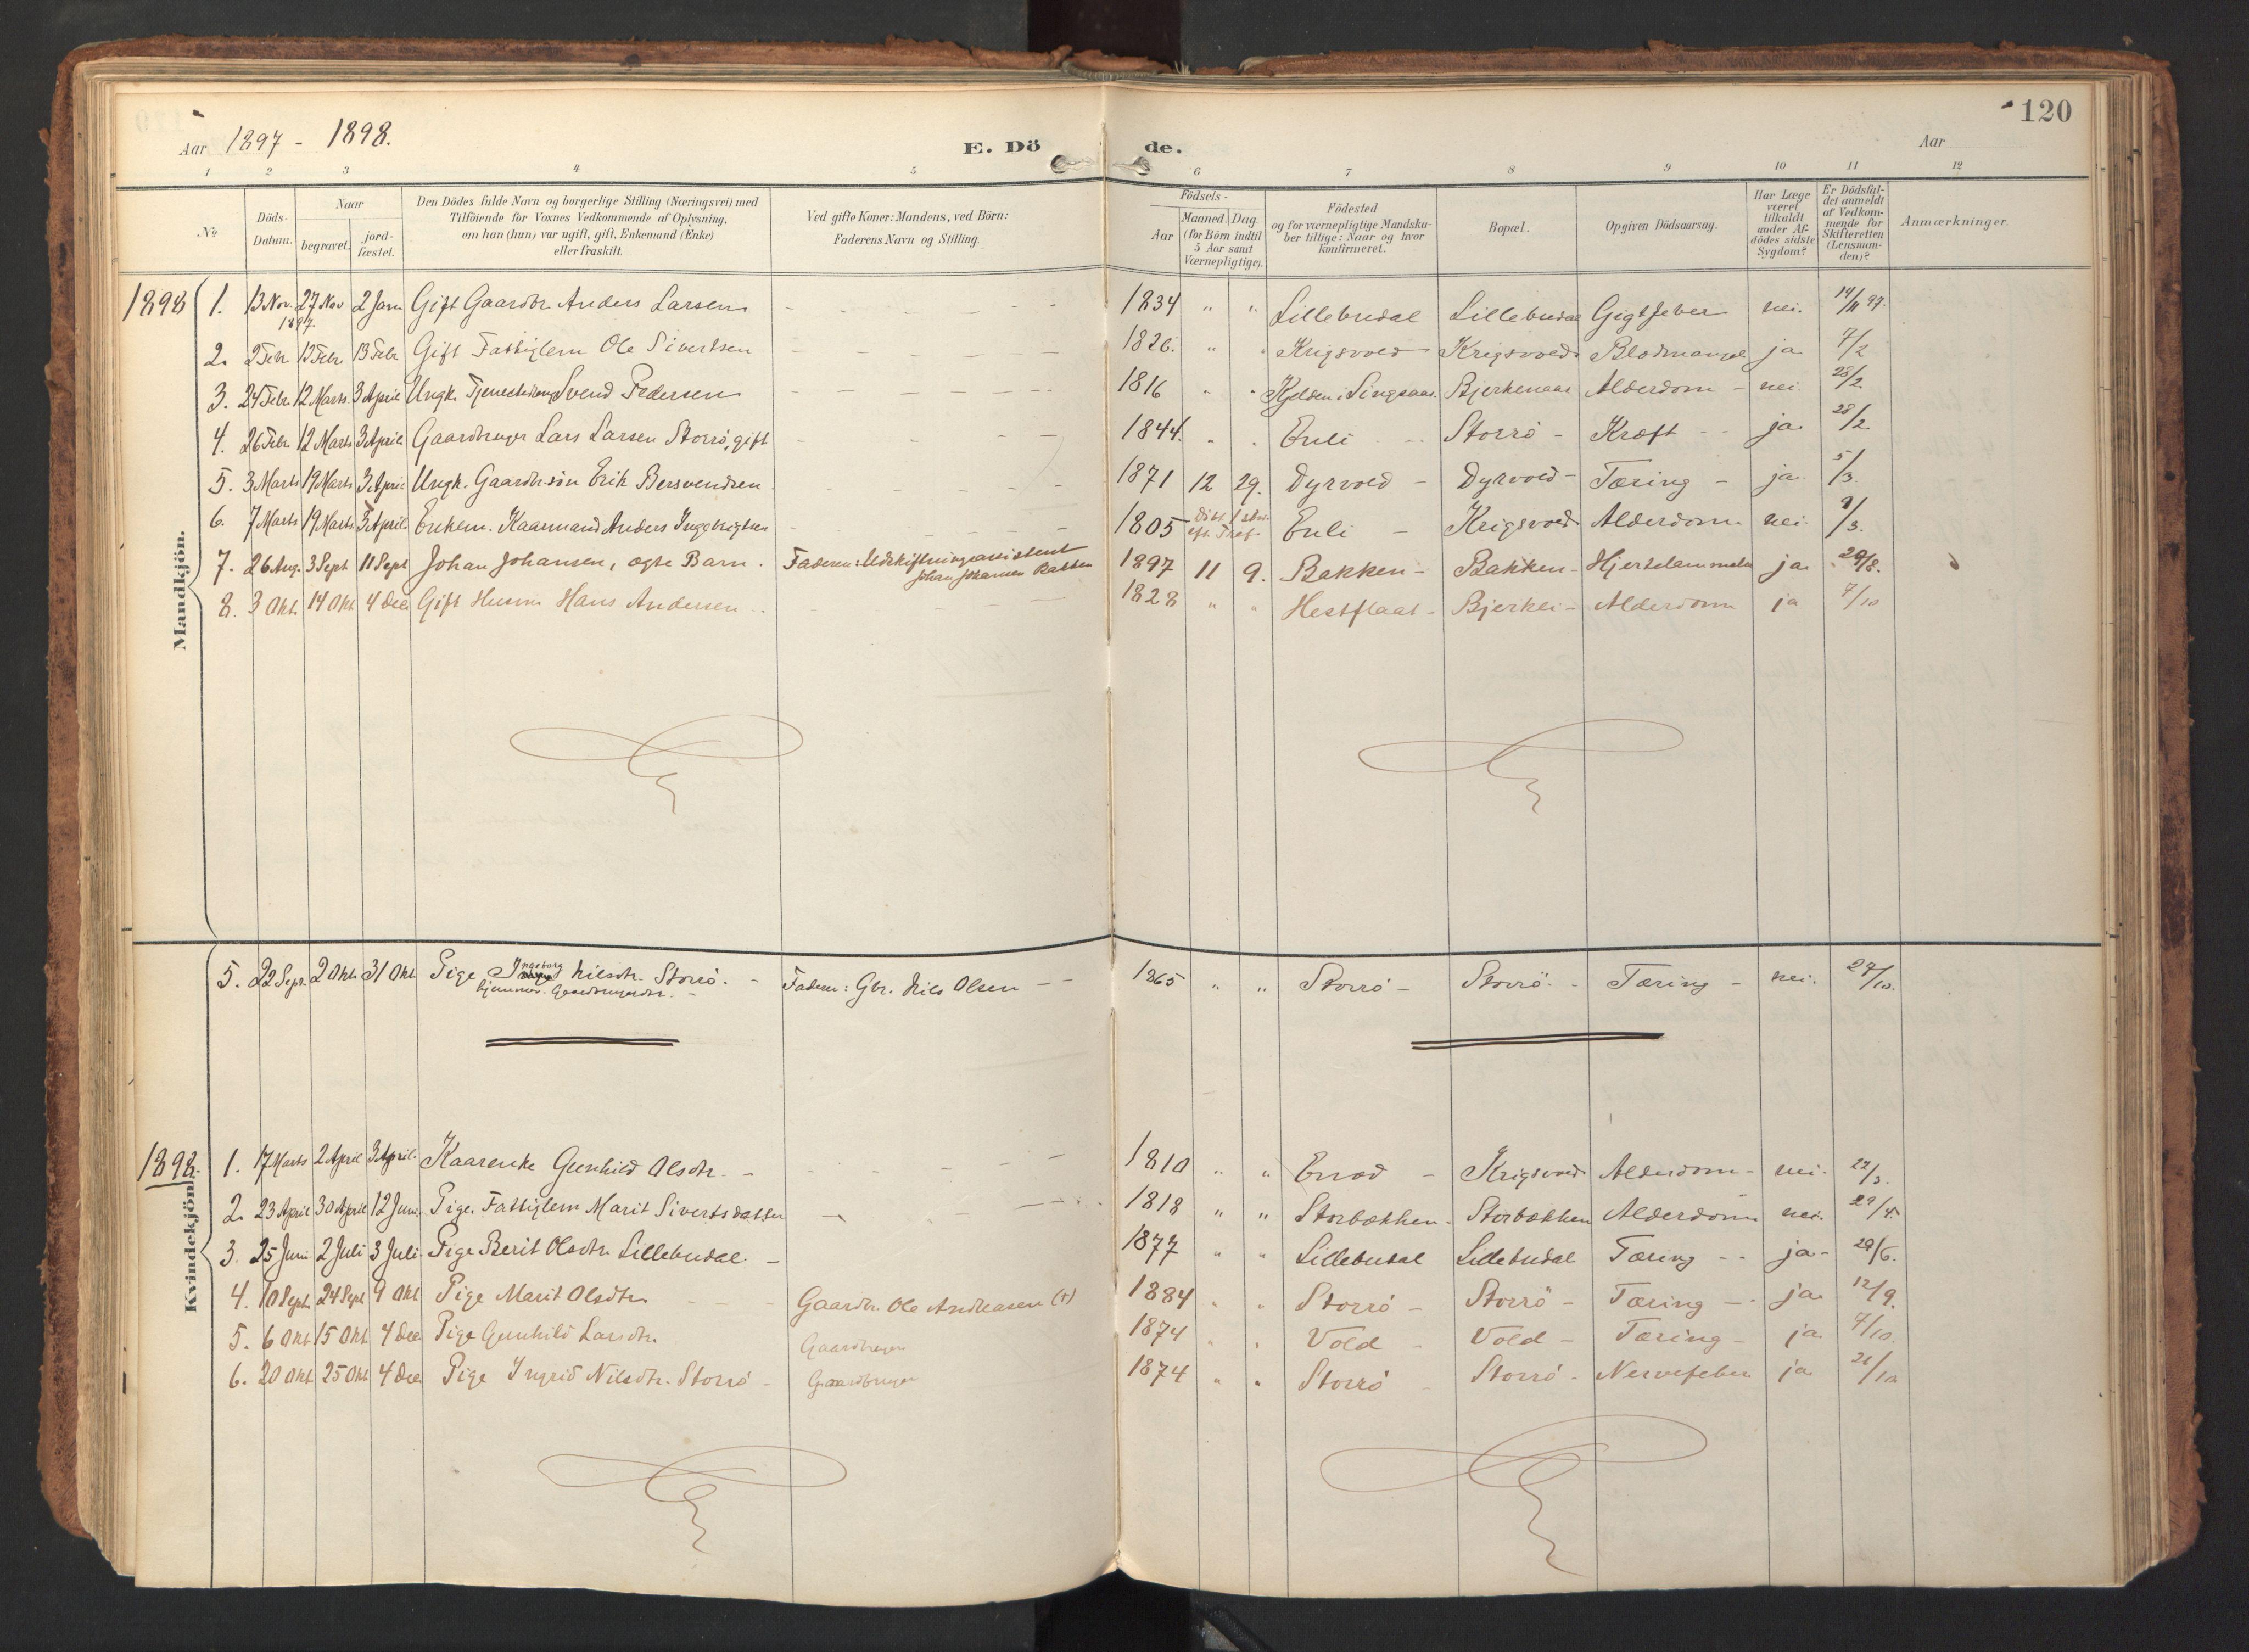 SAT, Ministerialprotokoller, klokkerbøker og fødselsregistre - Sør-Trøndelag, 690/L1050: Ministerialbok nr. 690A01, 1889-1929, s. 120